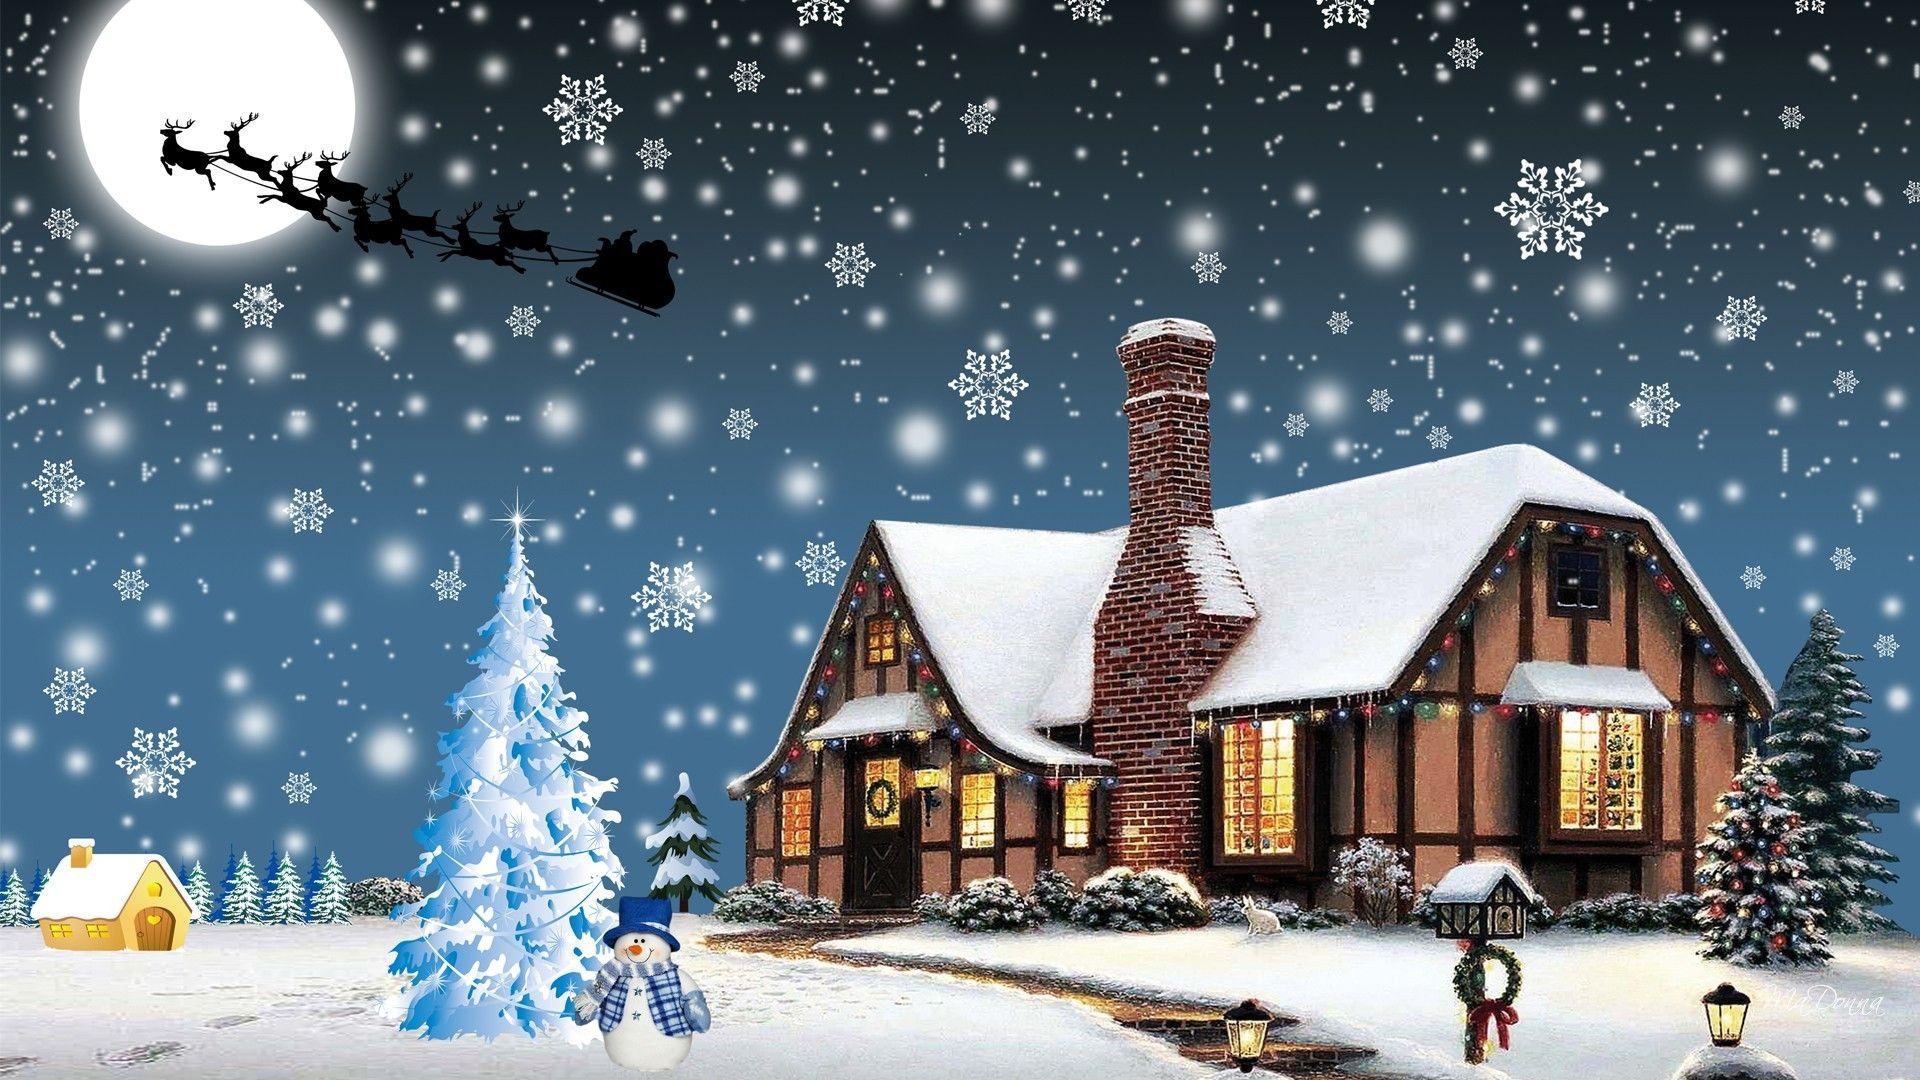 начале рождественские живые картинки жаль, что